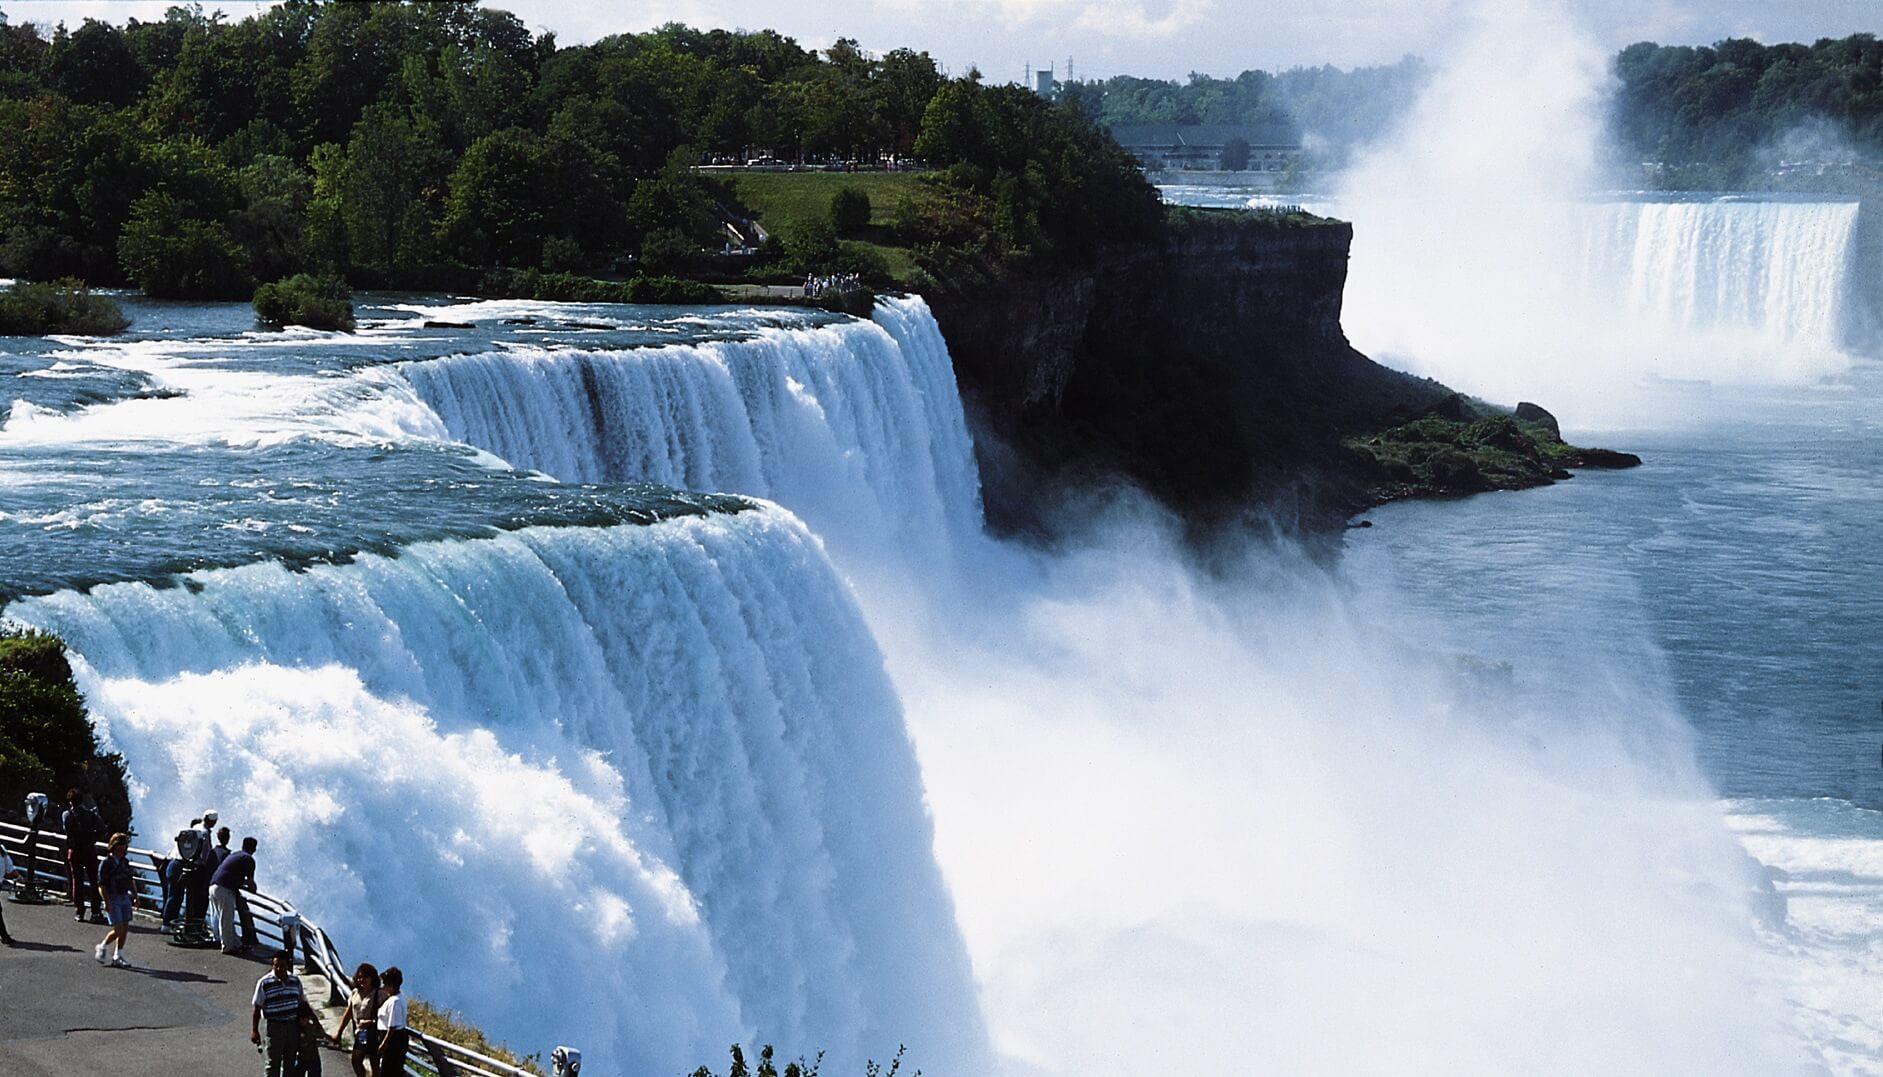 Les chutes de Niagara & Toronto